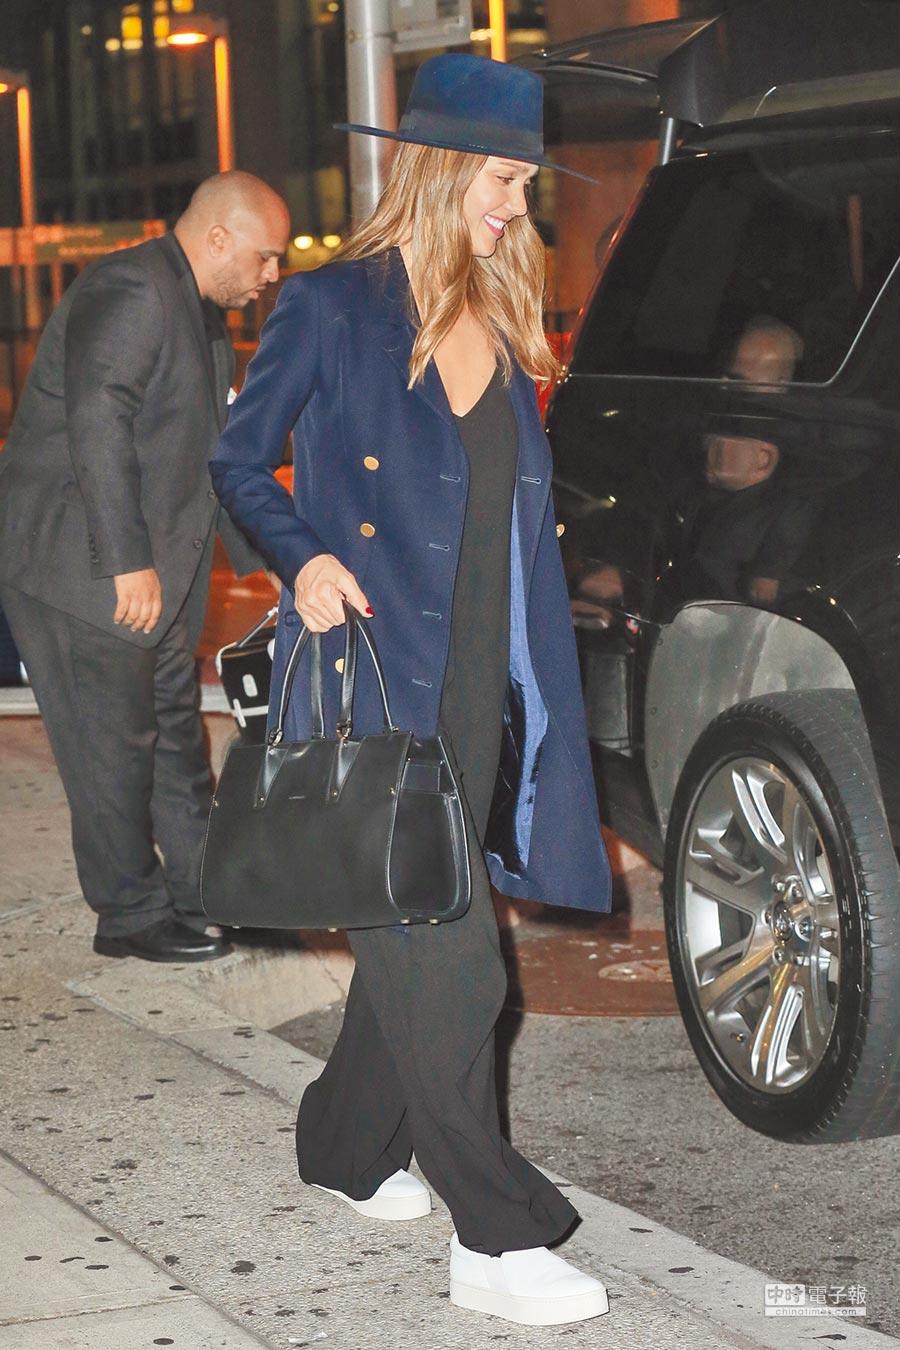 潔西卡艾芭一身休閒裝扮搭配一只Paris Premier包款,相當突顯身為母親需正經且休閒的多變面相。